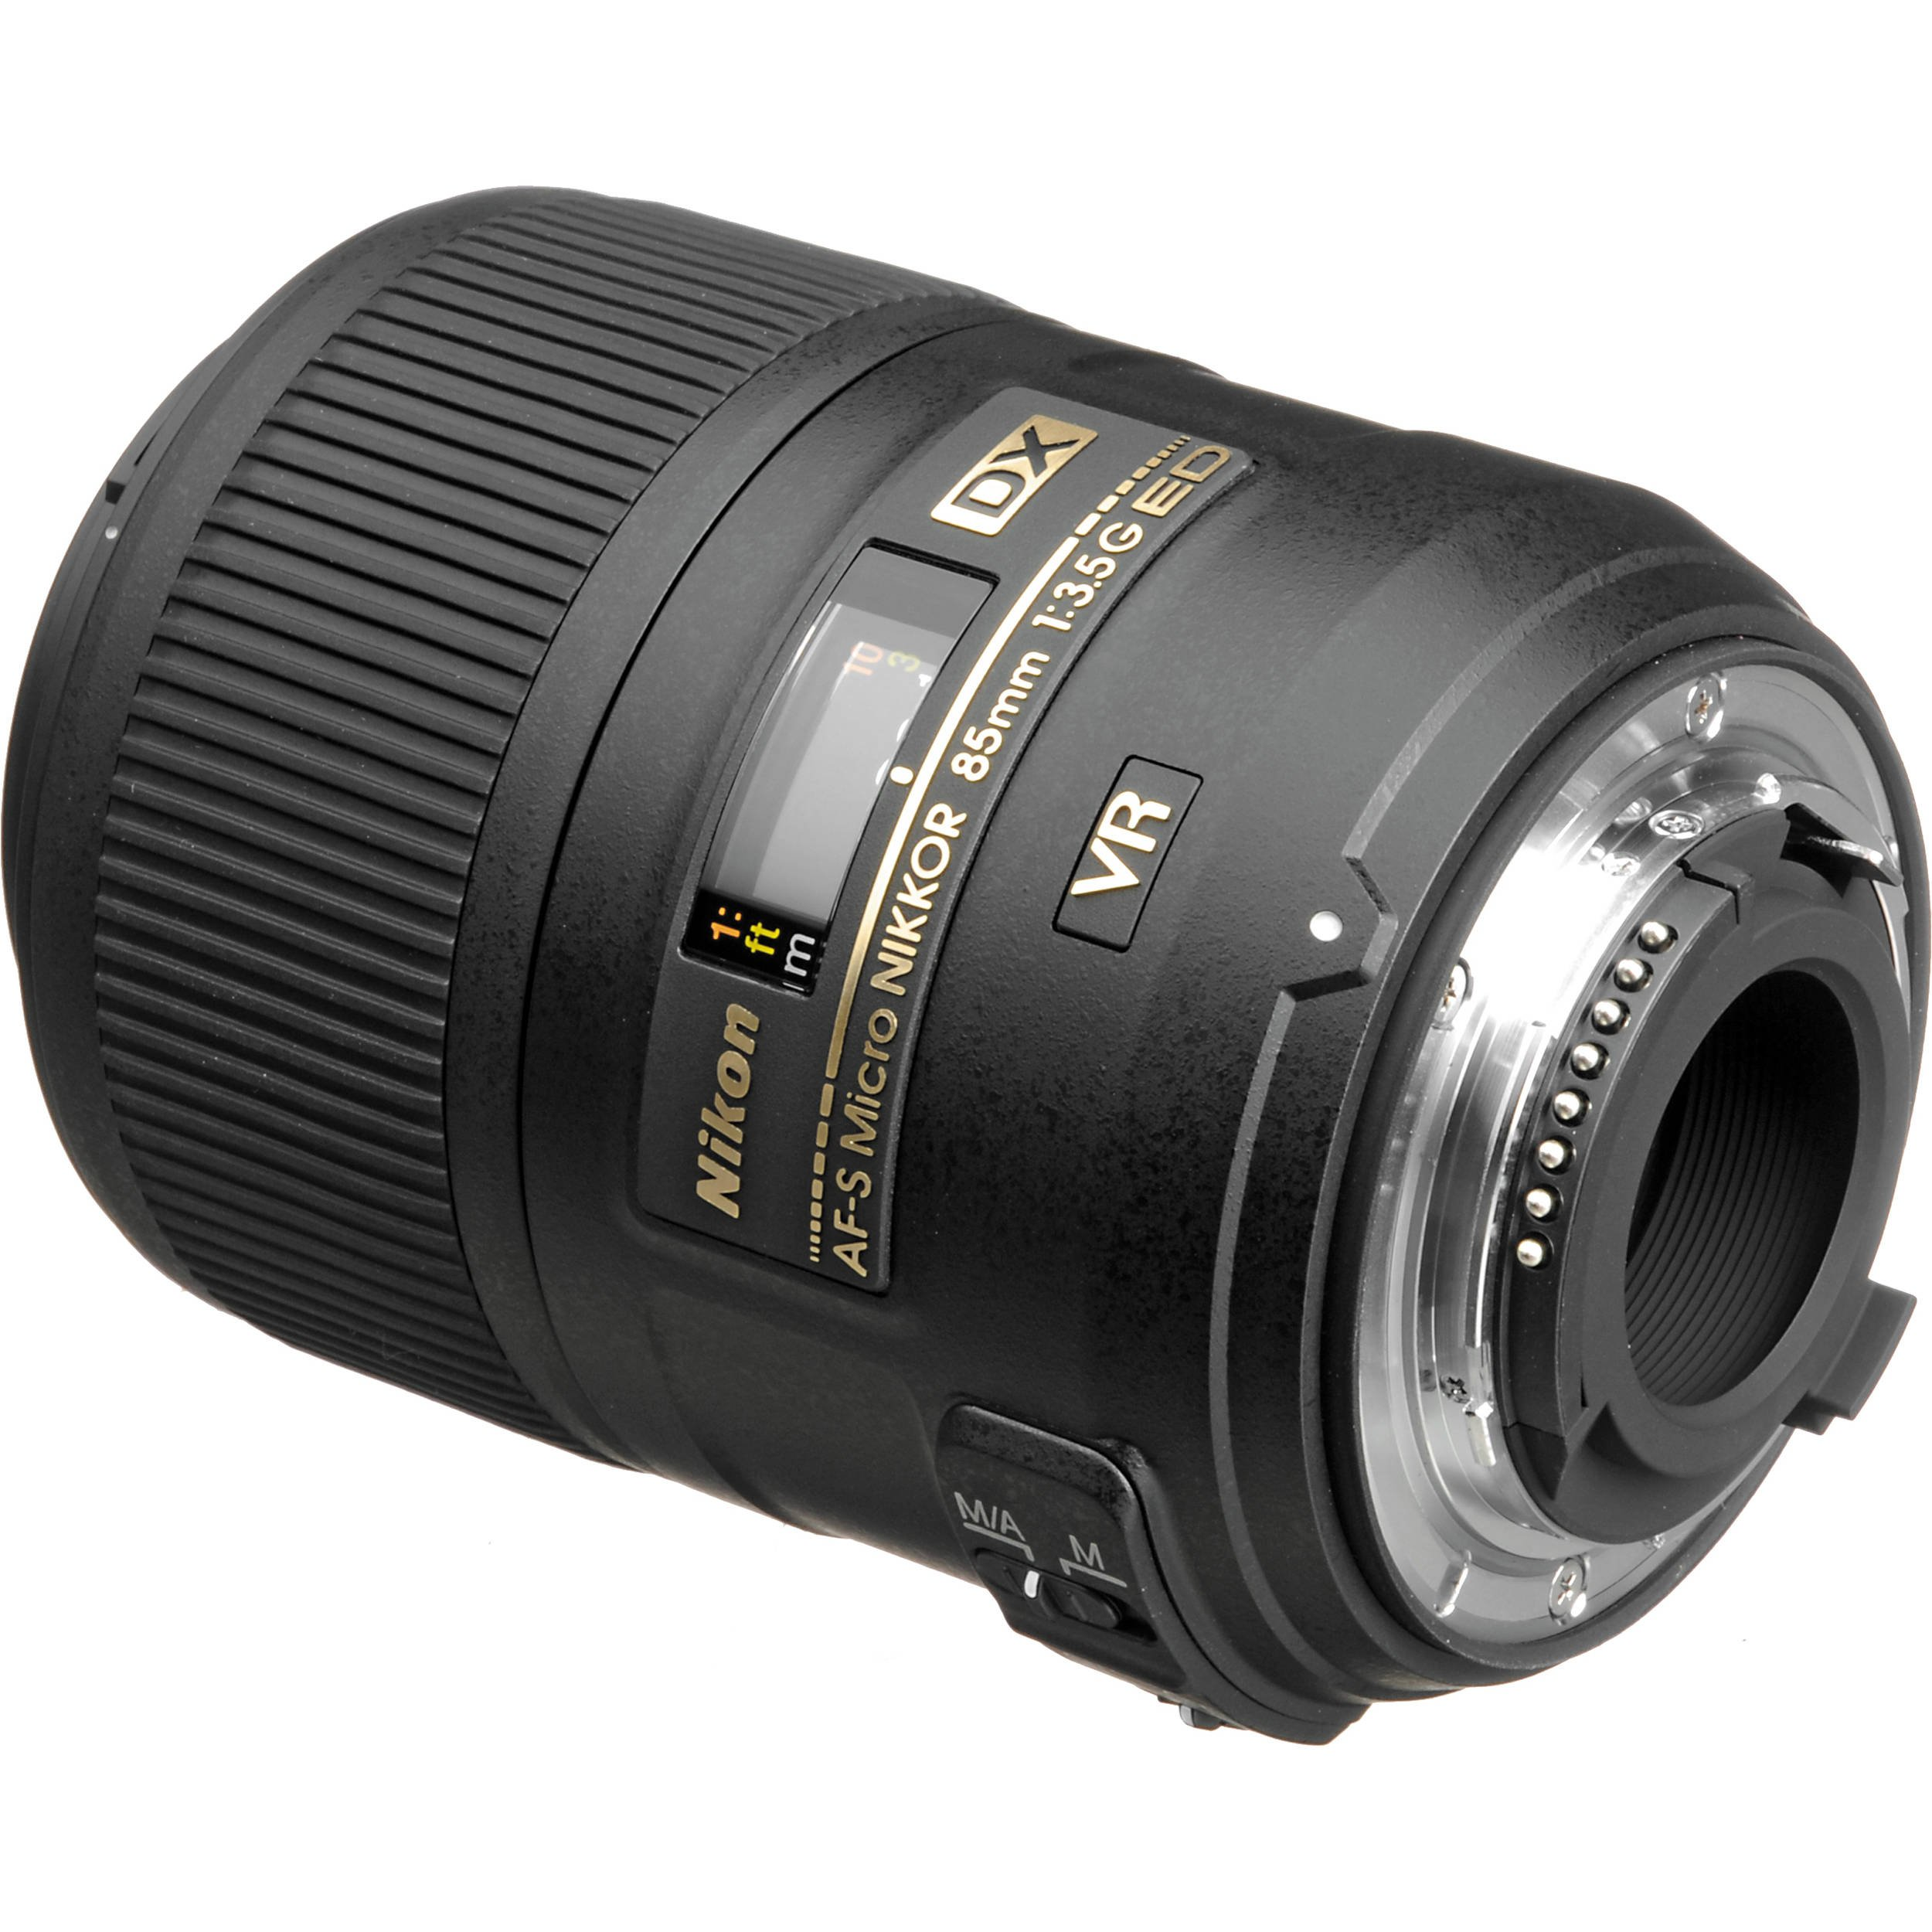 Nikon AF-S DX Micro NIKKOR 85mm f/3.5G ED VR Lens Advanced Bundle by Nikon (Image #4)